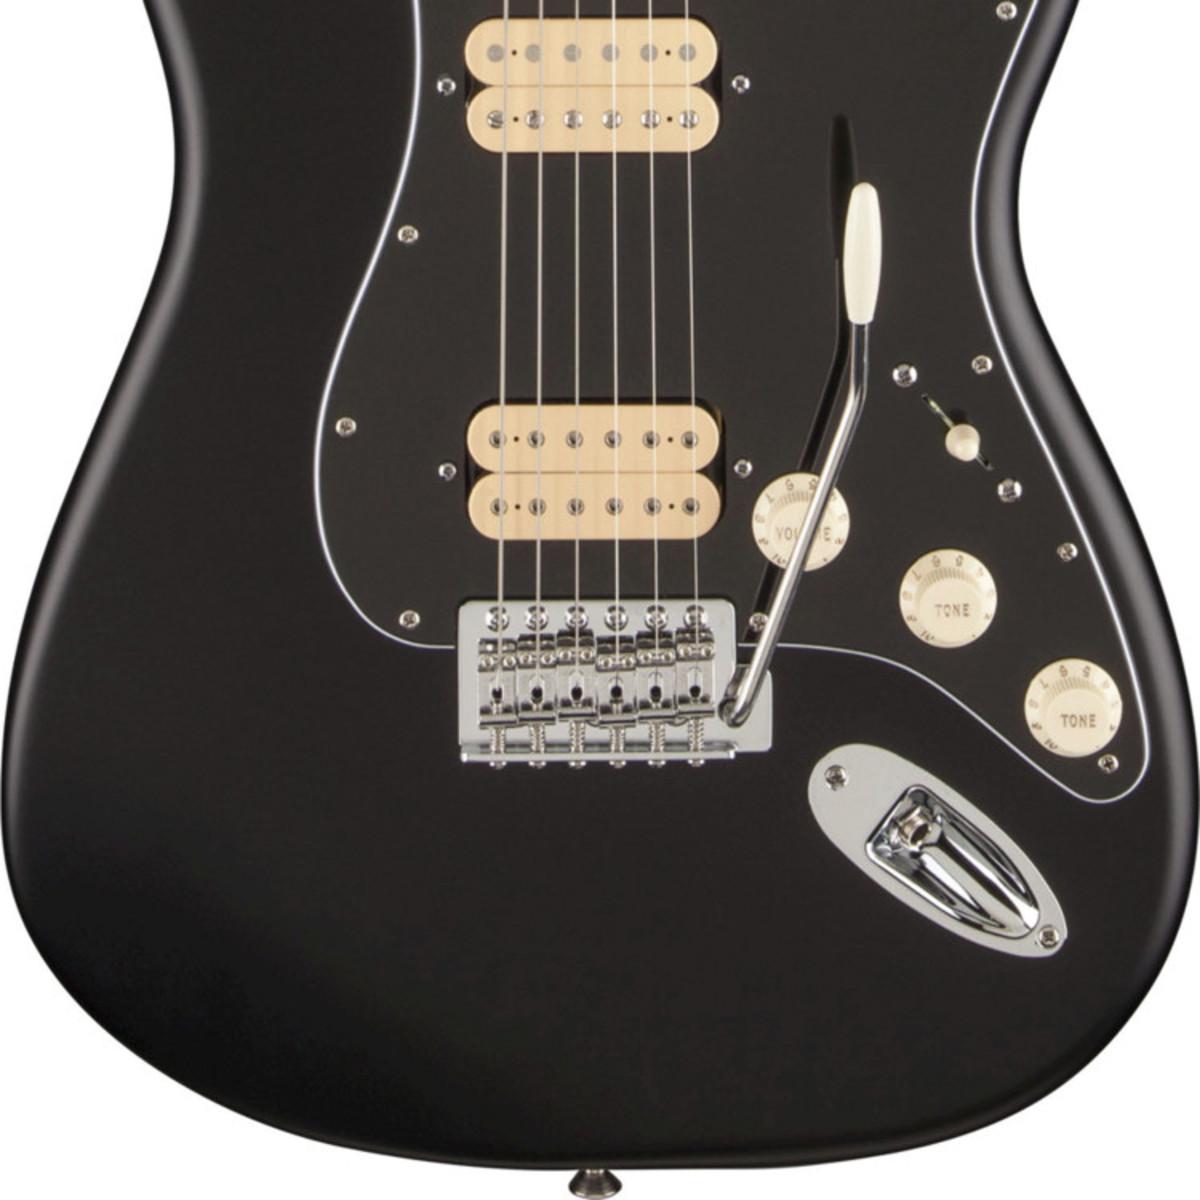 Fender Fsr Hot Rod Strat Hh Mn Flat Black At Gear4music Dimarzio Super Distortion Wire Wiring